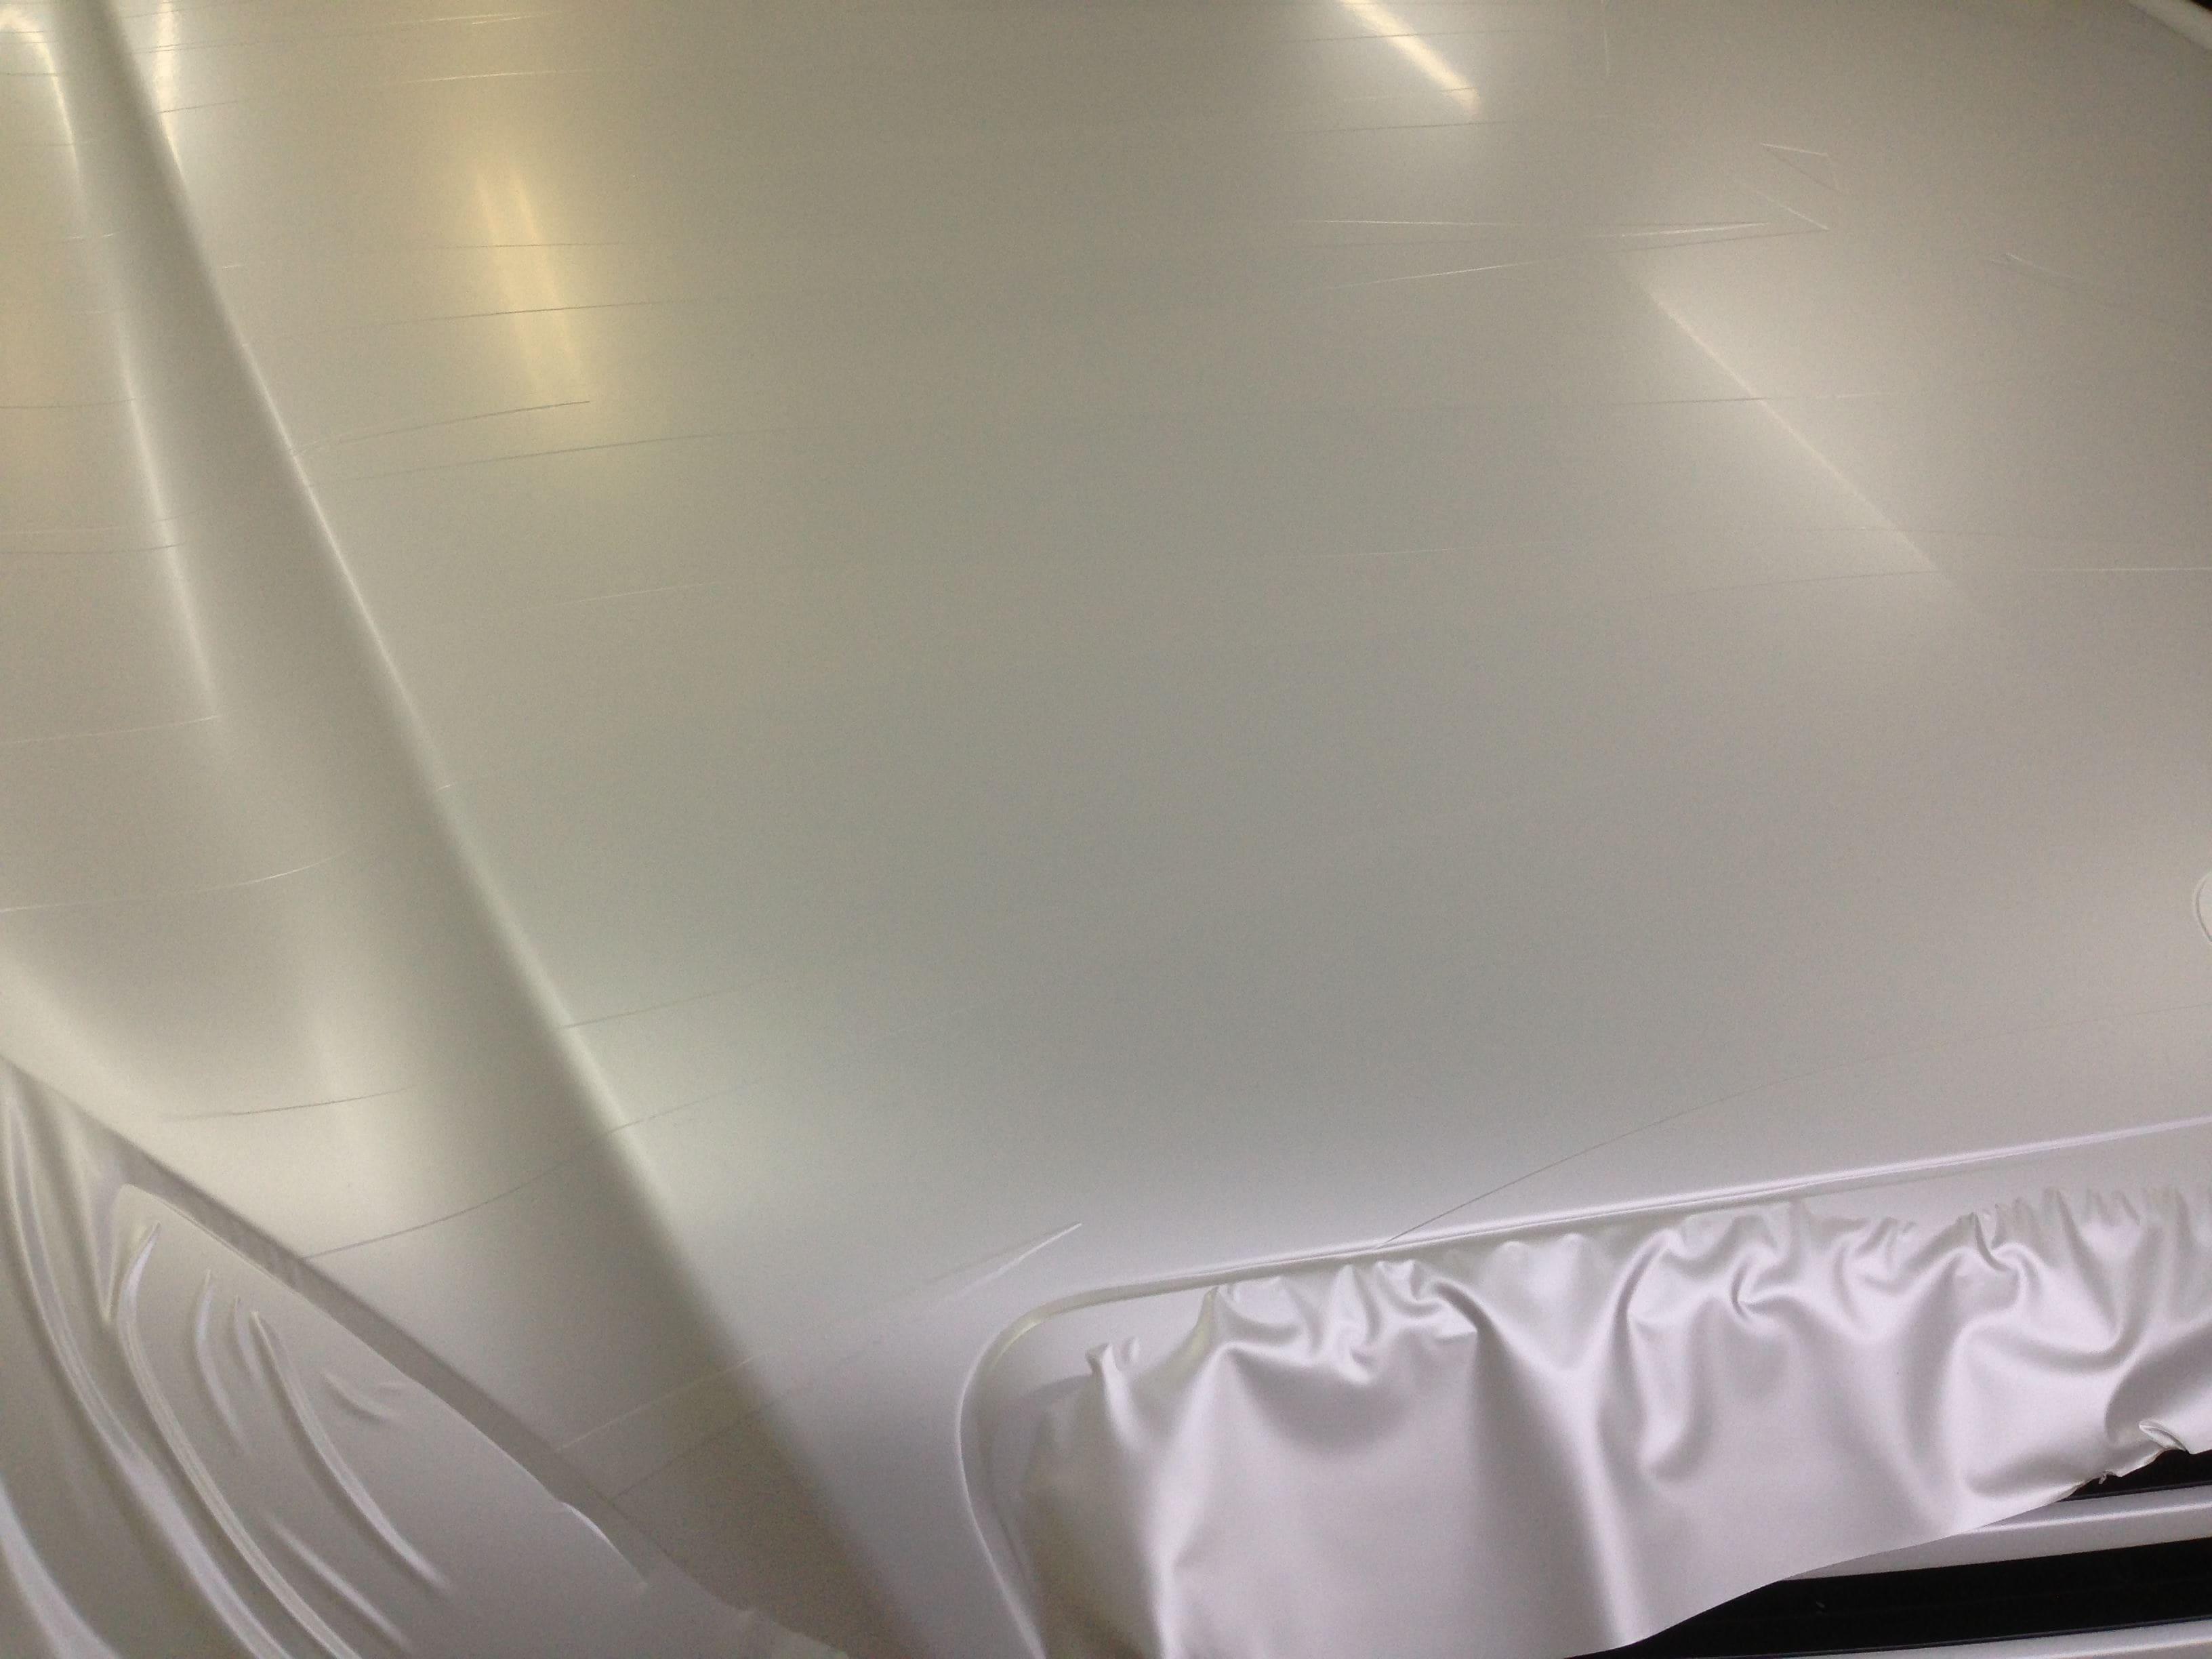 Mercedes S-Klasse AMG met Speciale Modball Wrap, Carwrapping door Wrapmyride.nu Foto-nr:6314, ©2021